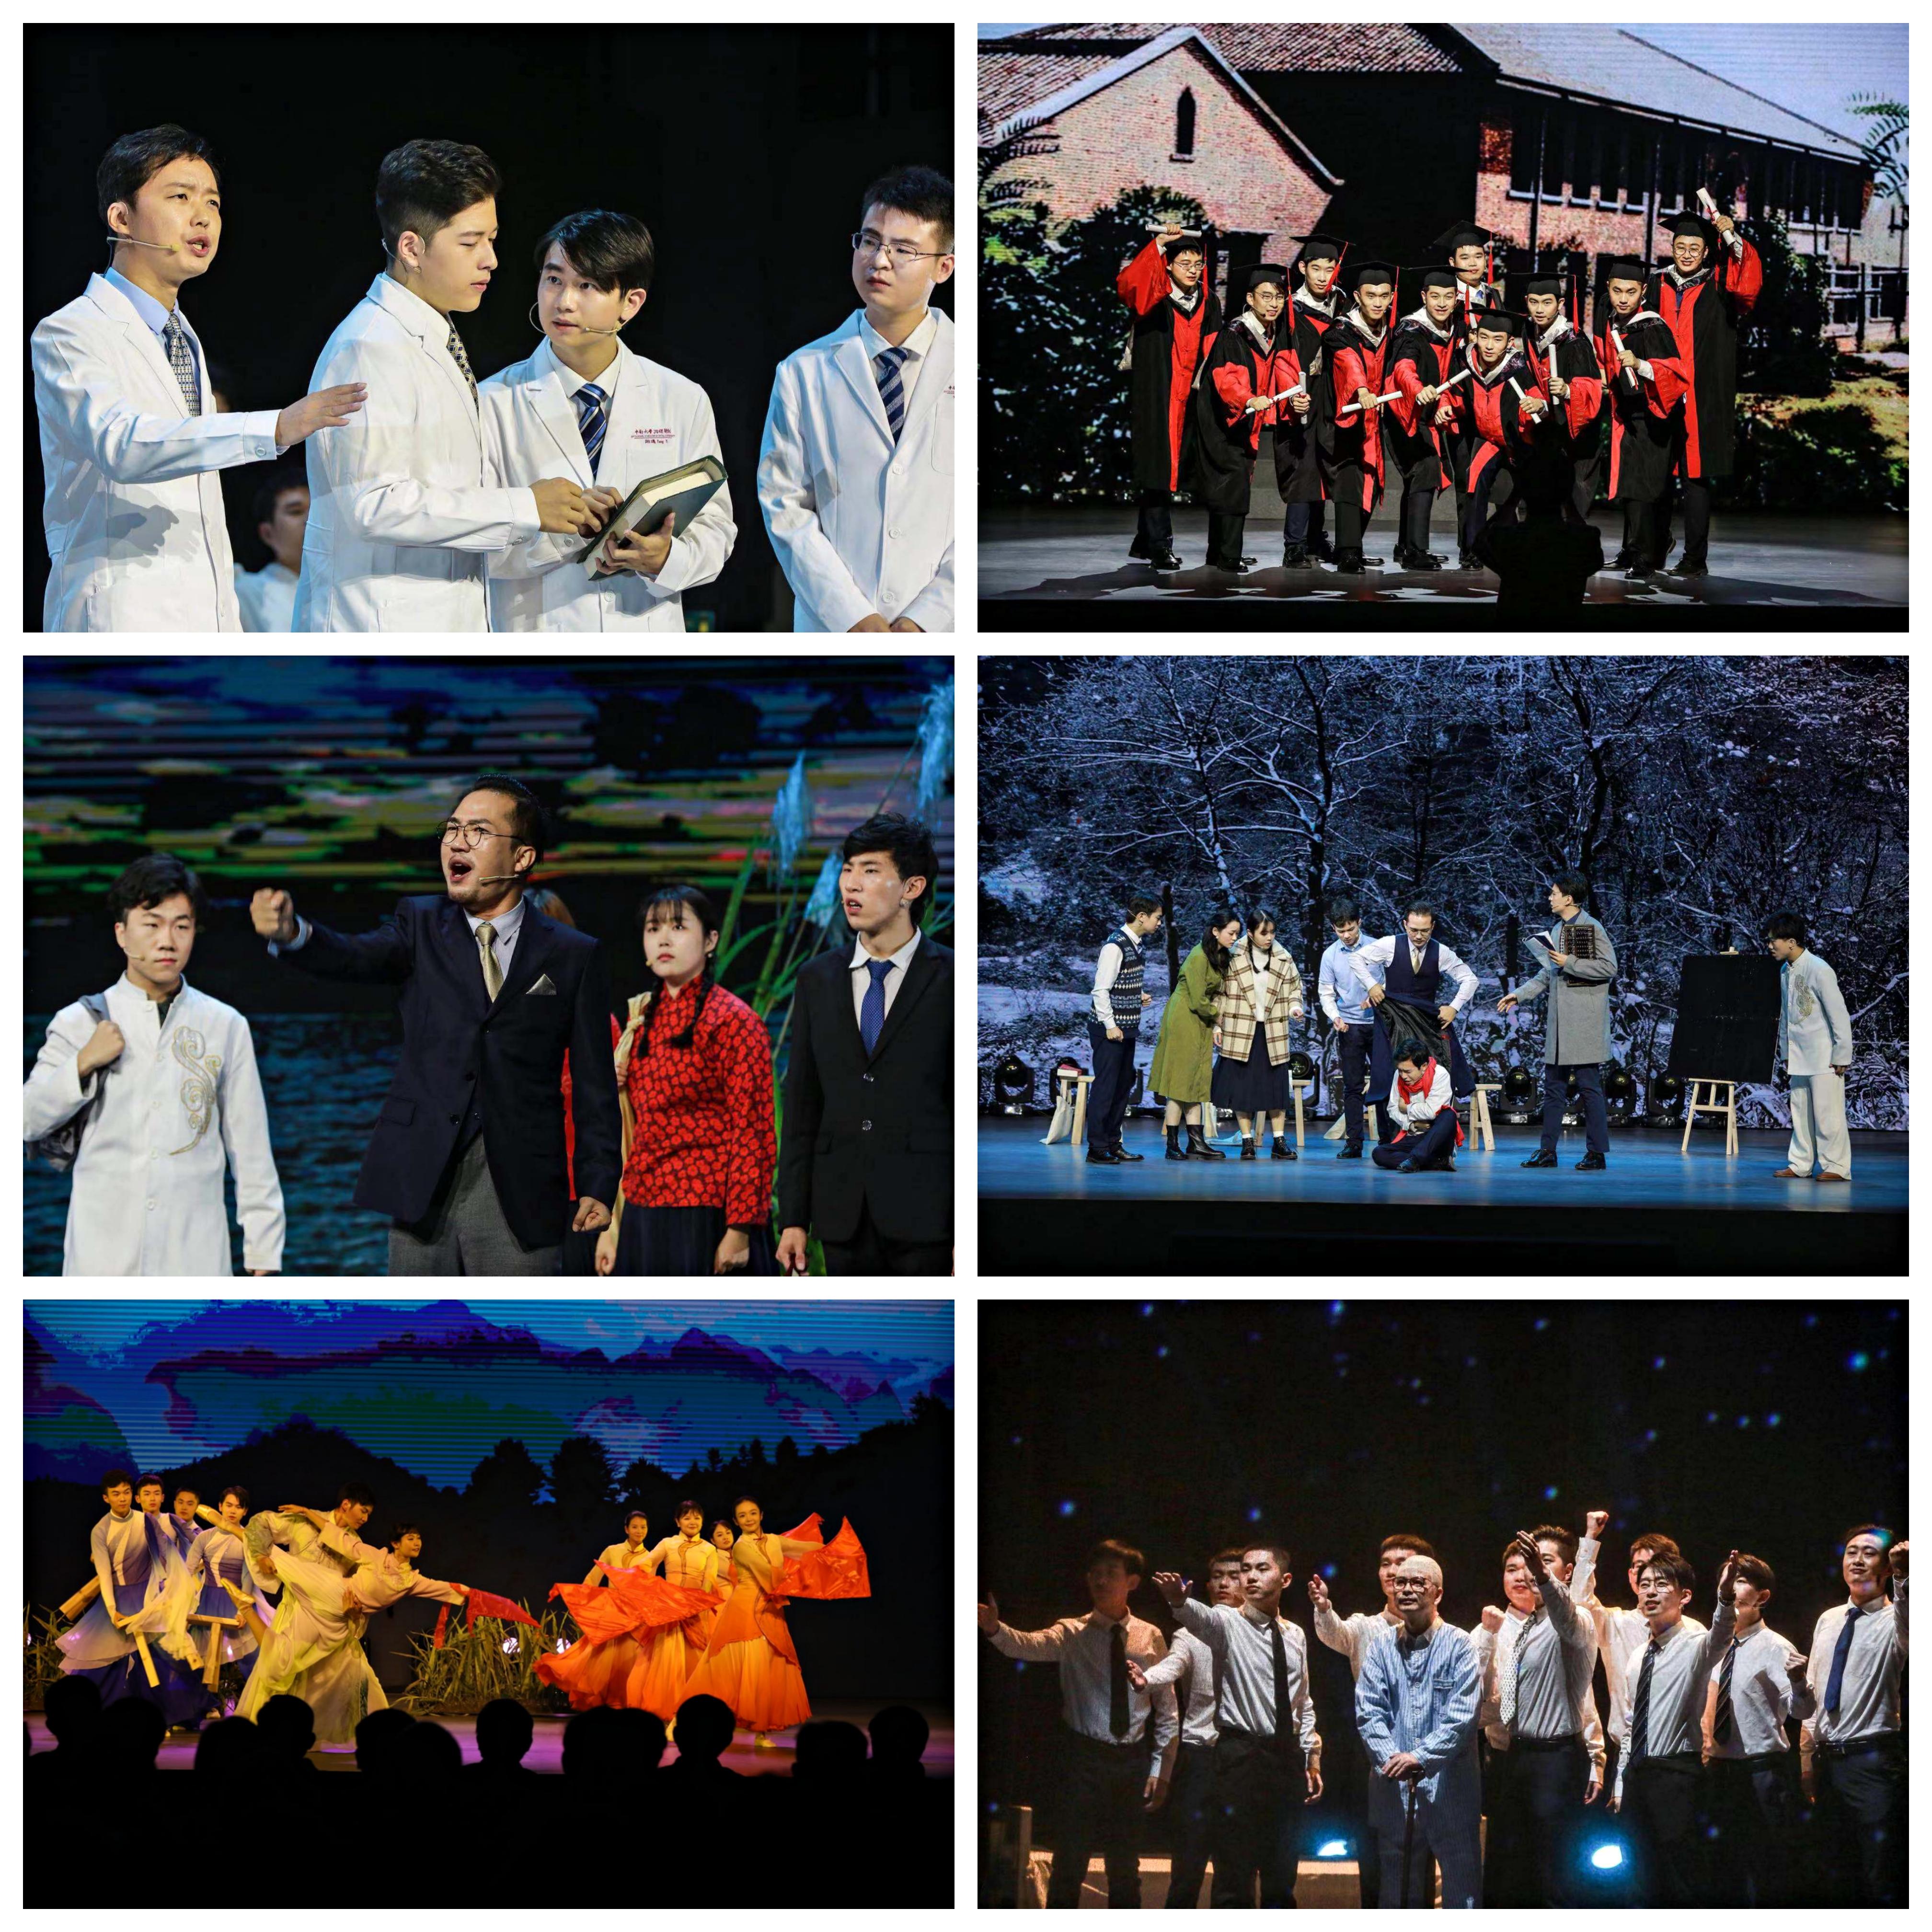 【学史】中南大学原创舞台剧《张孝骞》首度公演